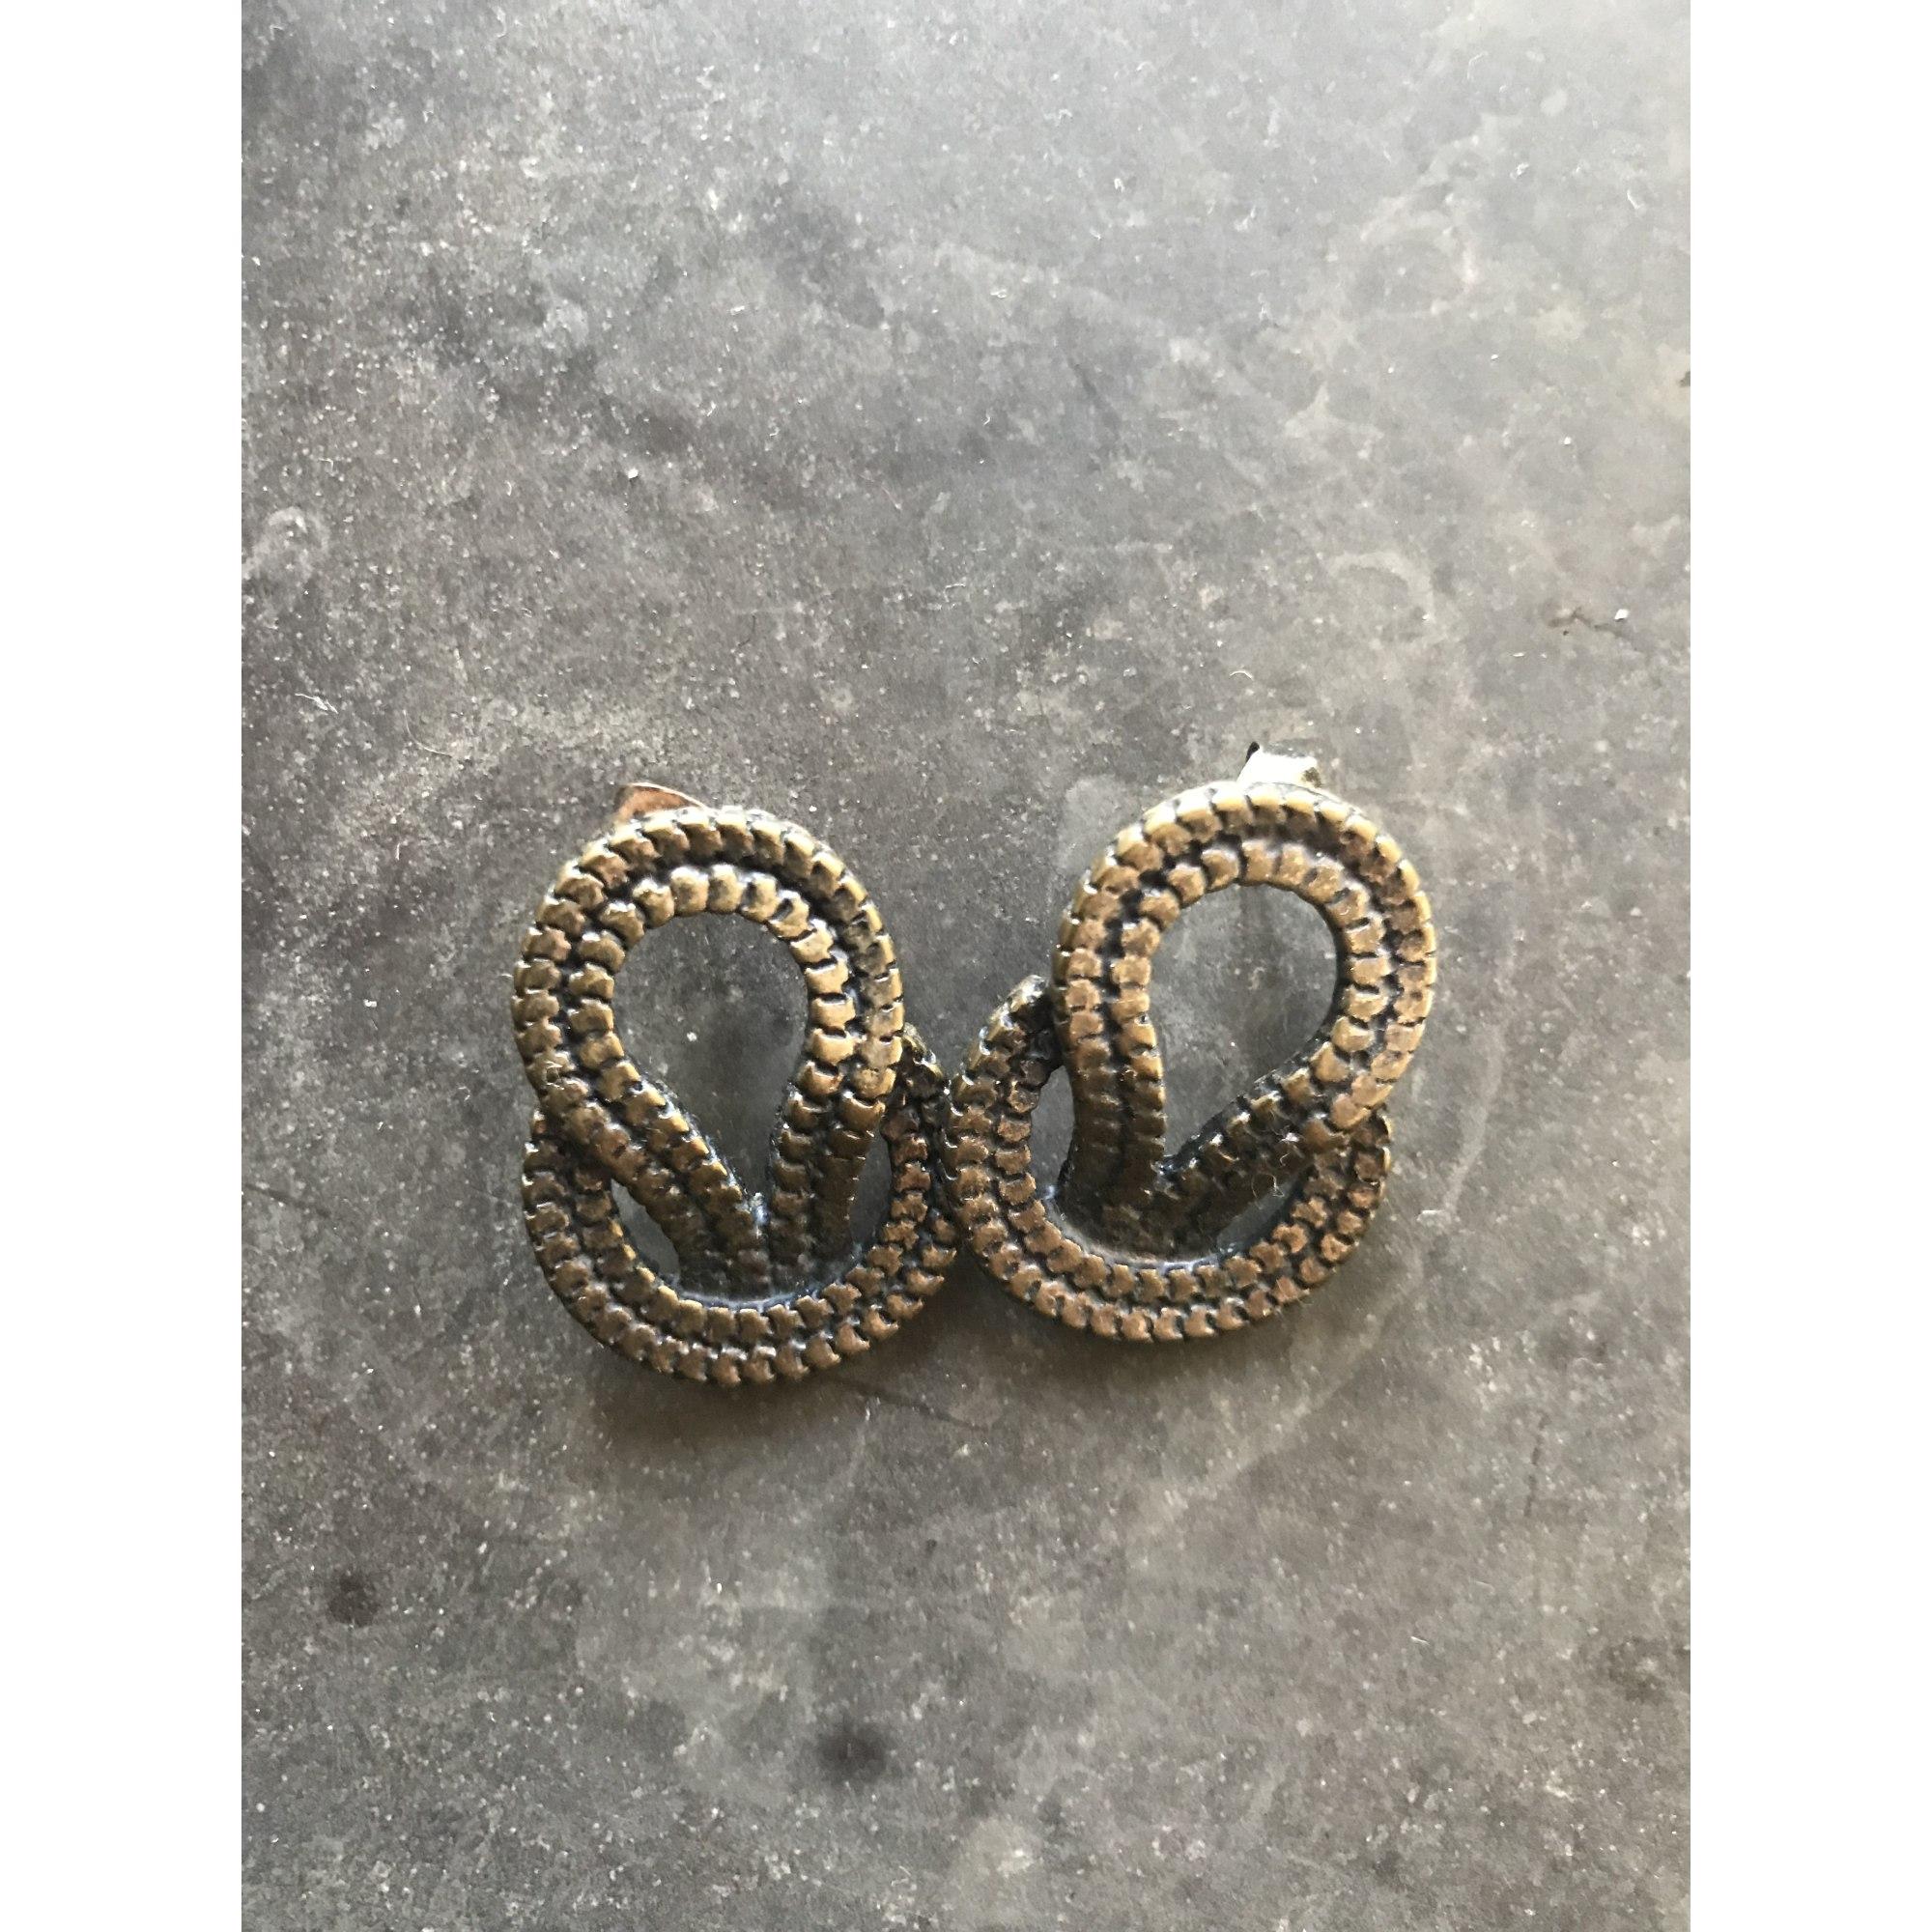 Boucles d'oreille MEDECINE DOUCE plaqué or doré